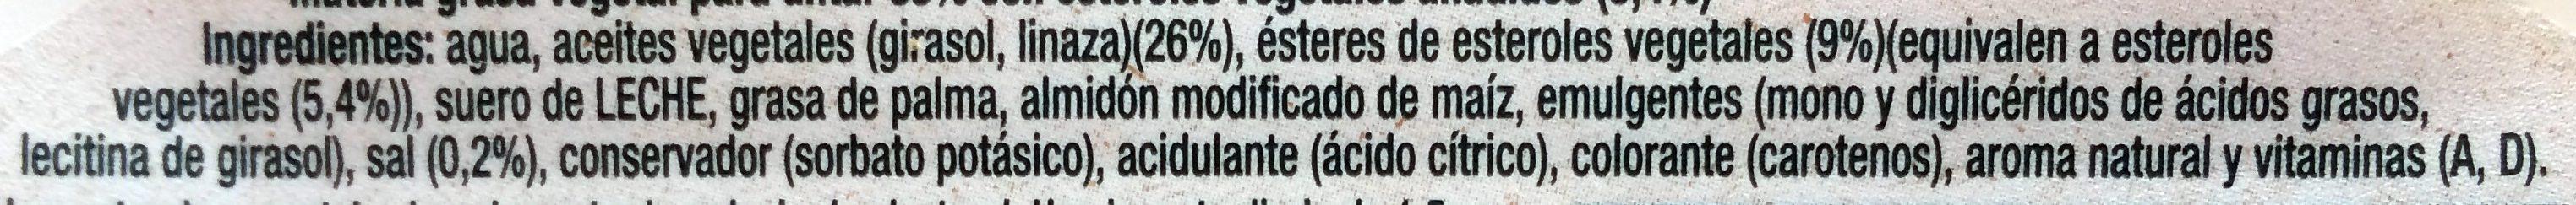 Pro activ Colesterol 250G - Ingrédients - fr